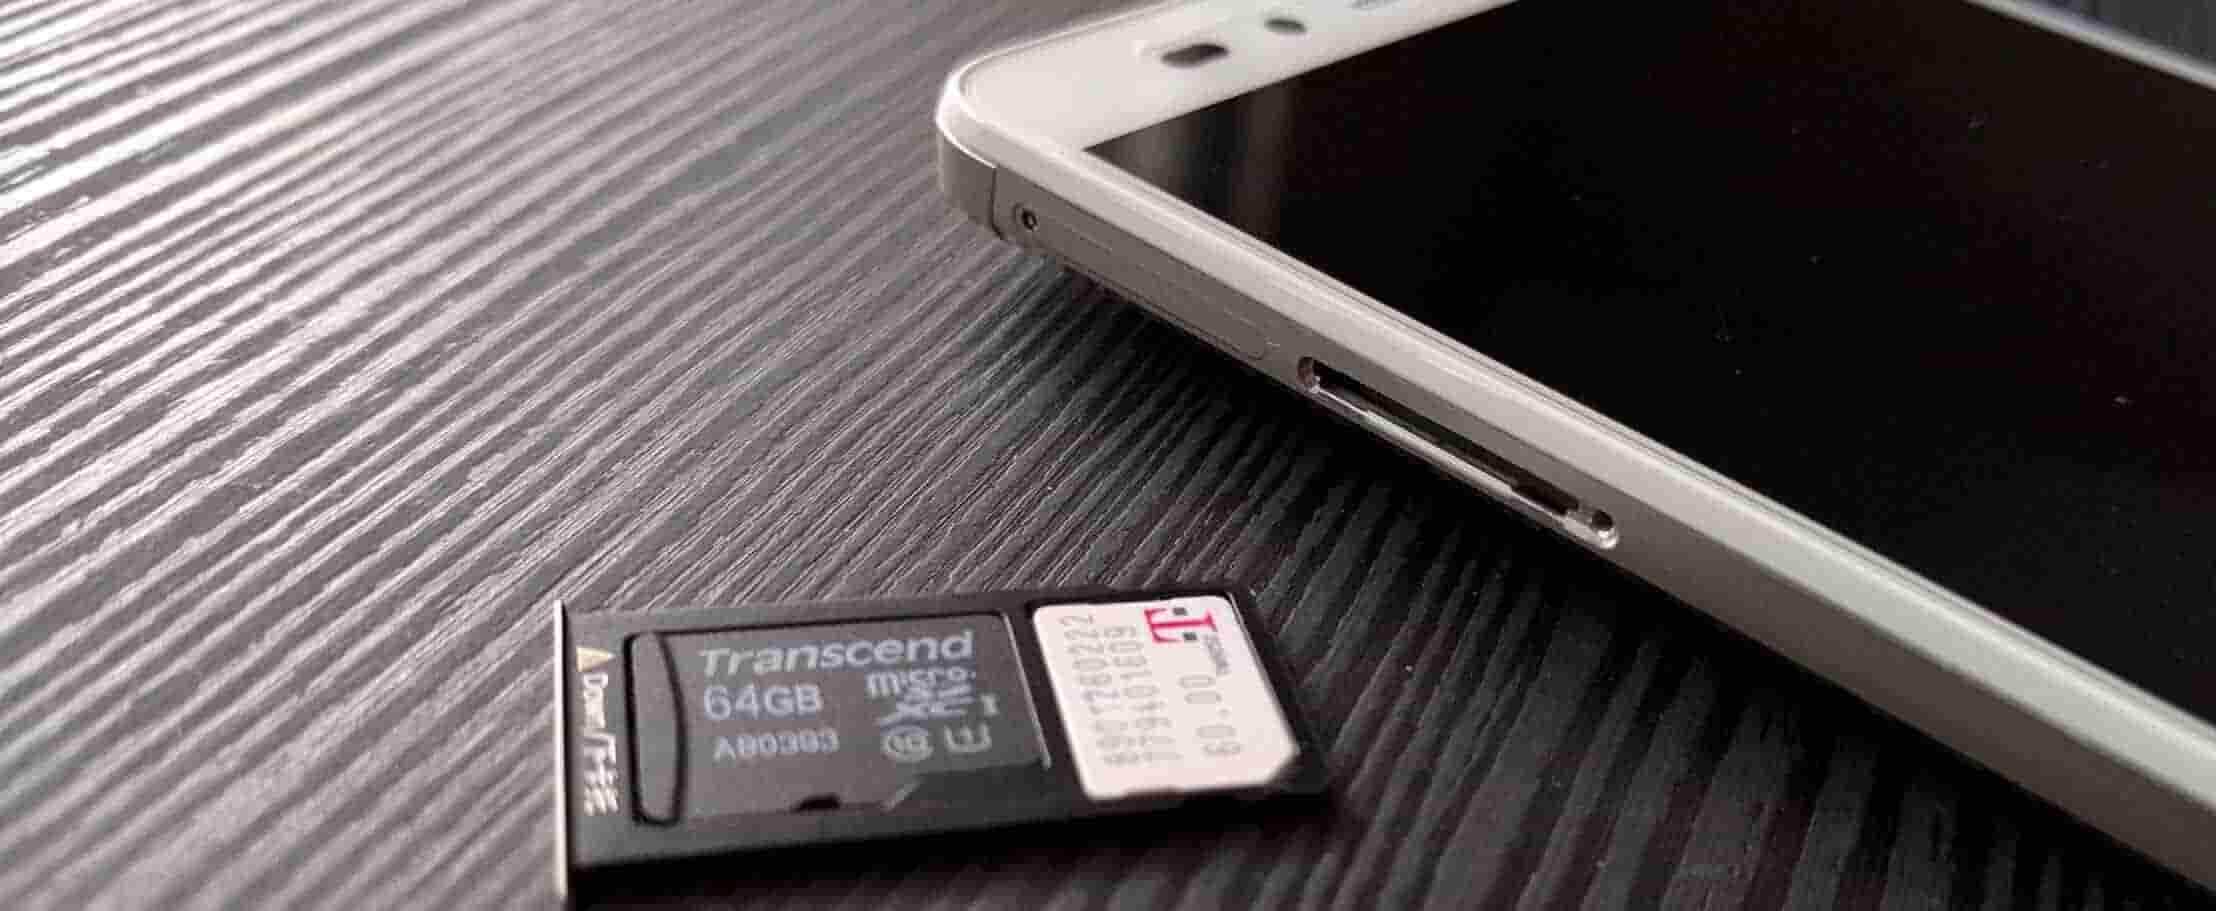 как с теле2 перейти на мегафон с сохранением номера